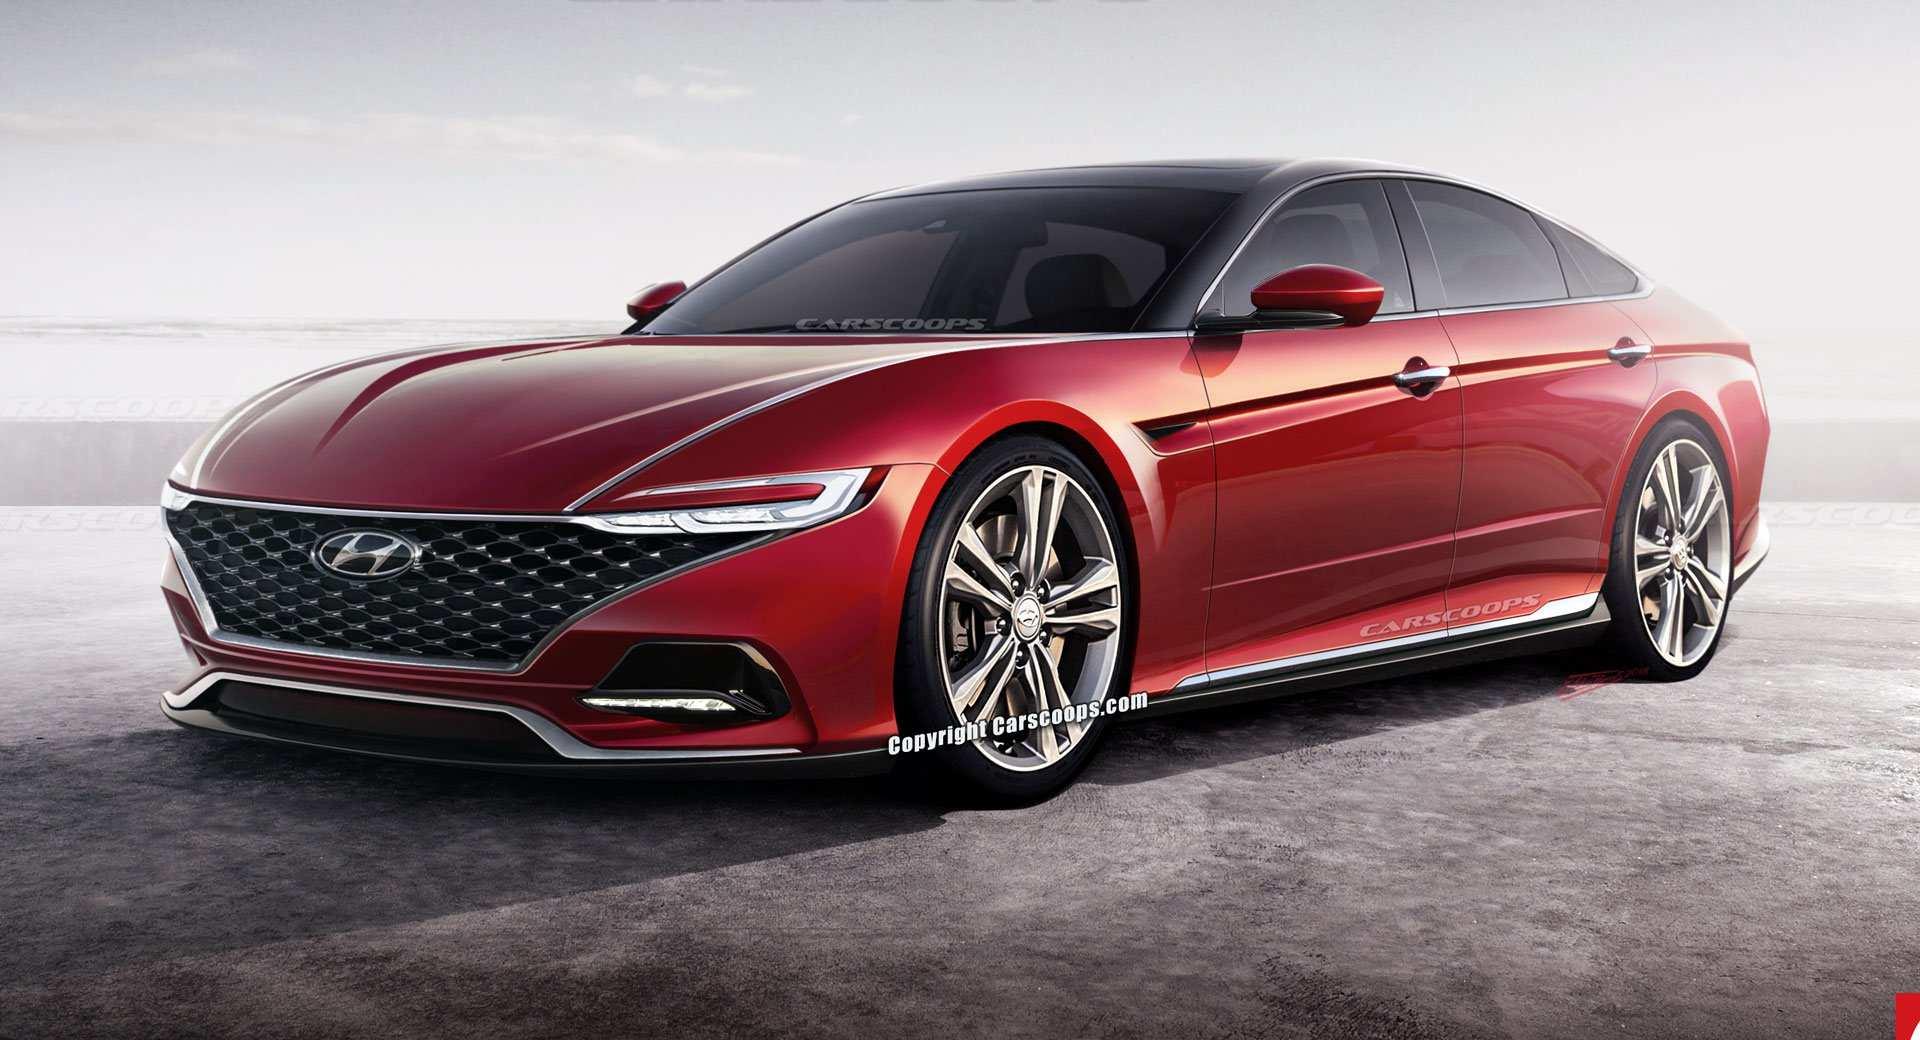 42 Great Hyundai Grandeur 2020 New Review for Hyundai Grandeur 2020